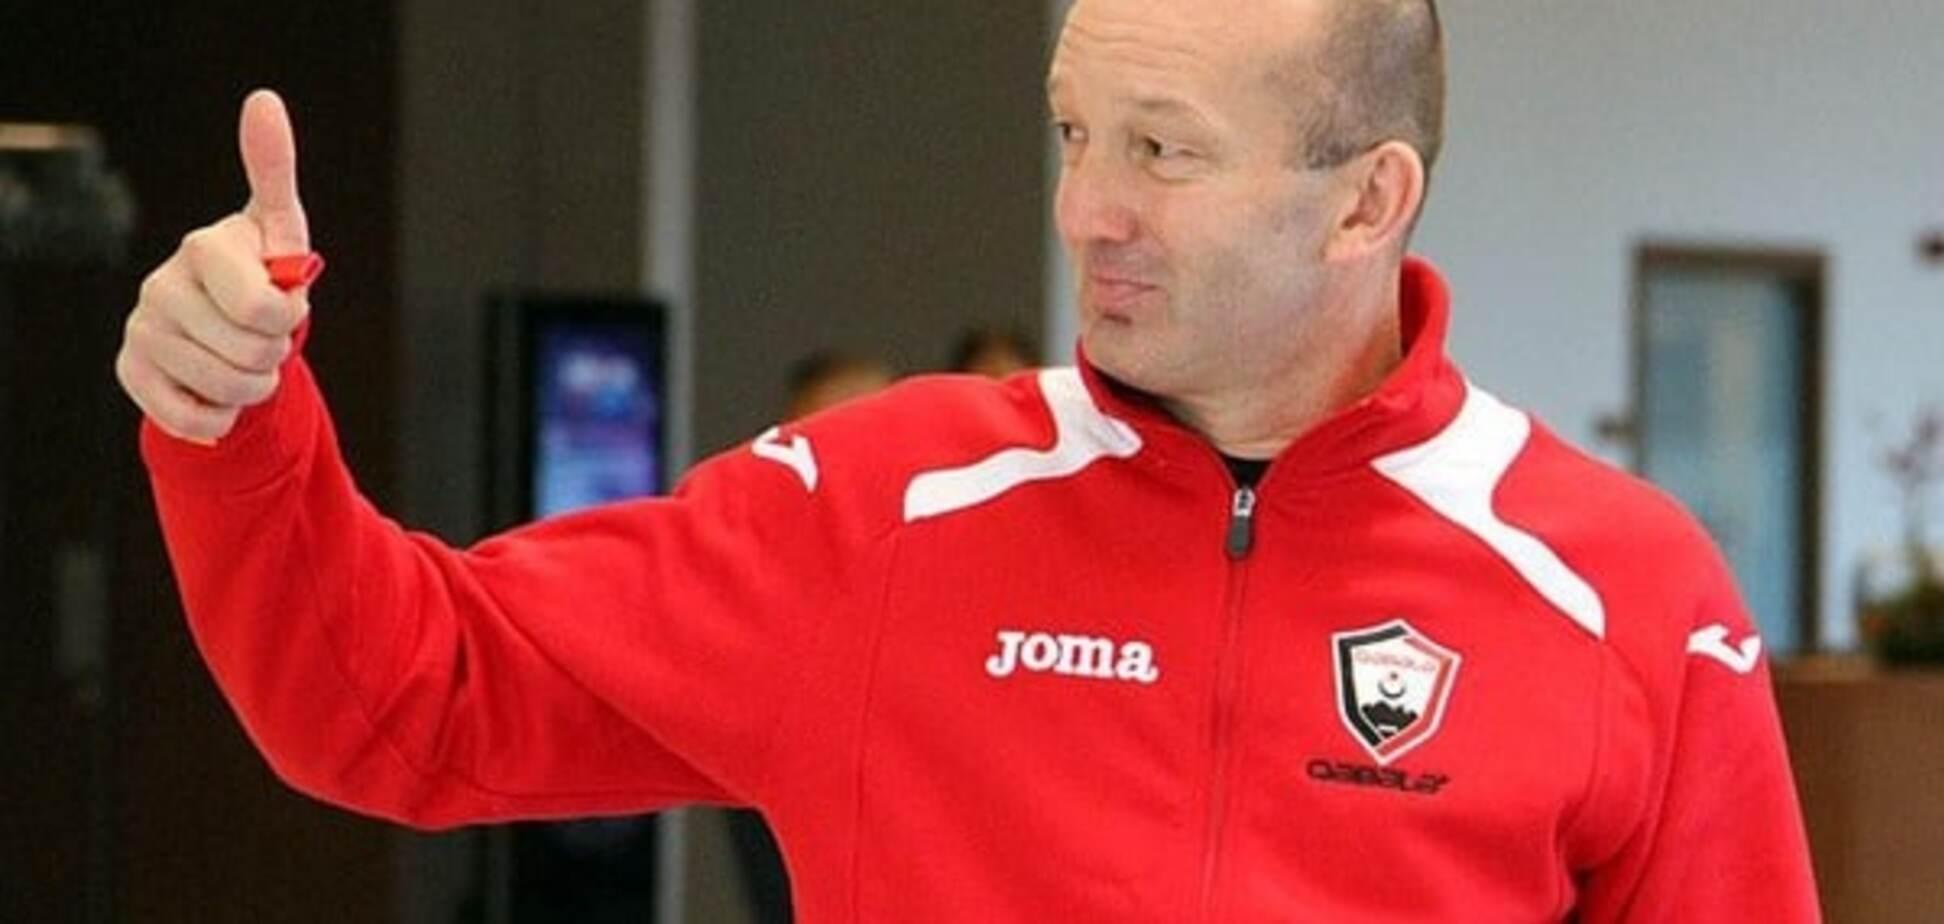 'Груз сброшен': украинский тренер оценил шансы сборной на Евро-2016